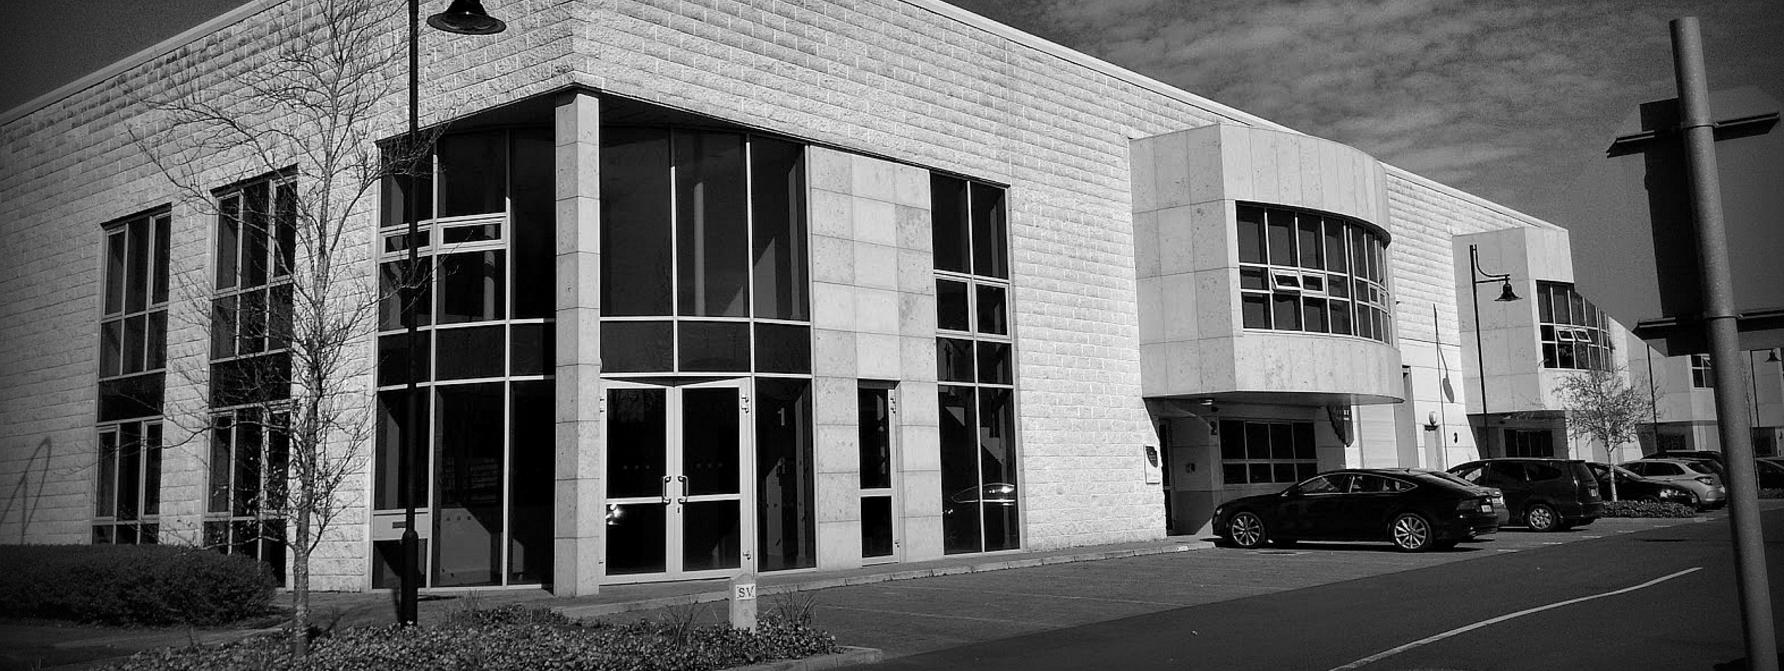 Aeolus Engine Services Head Office - Dublin